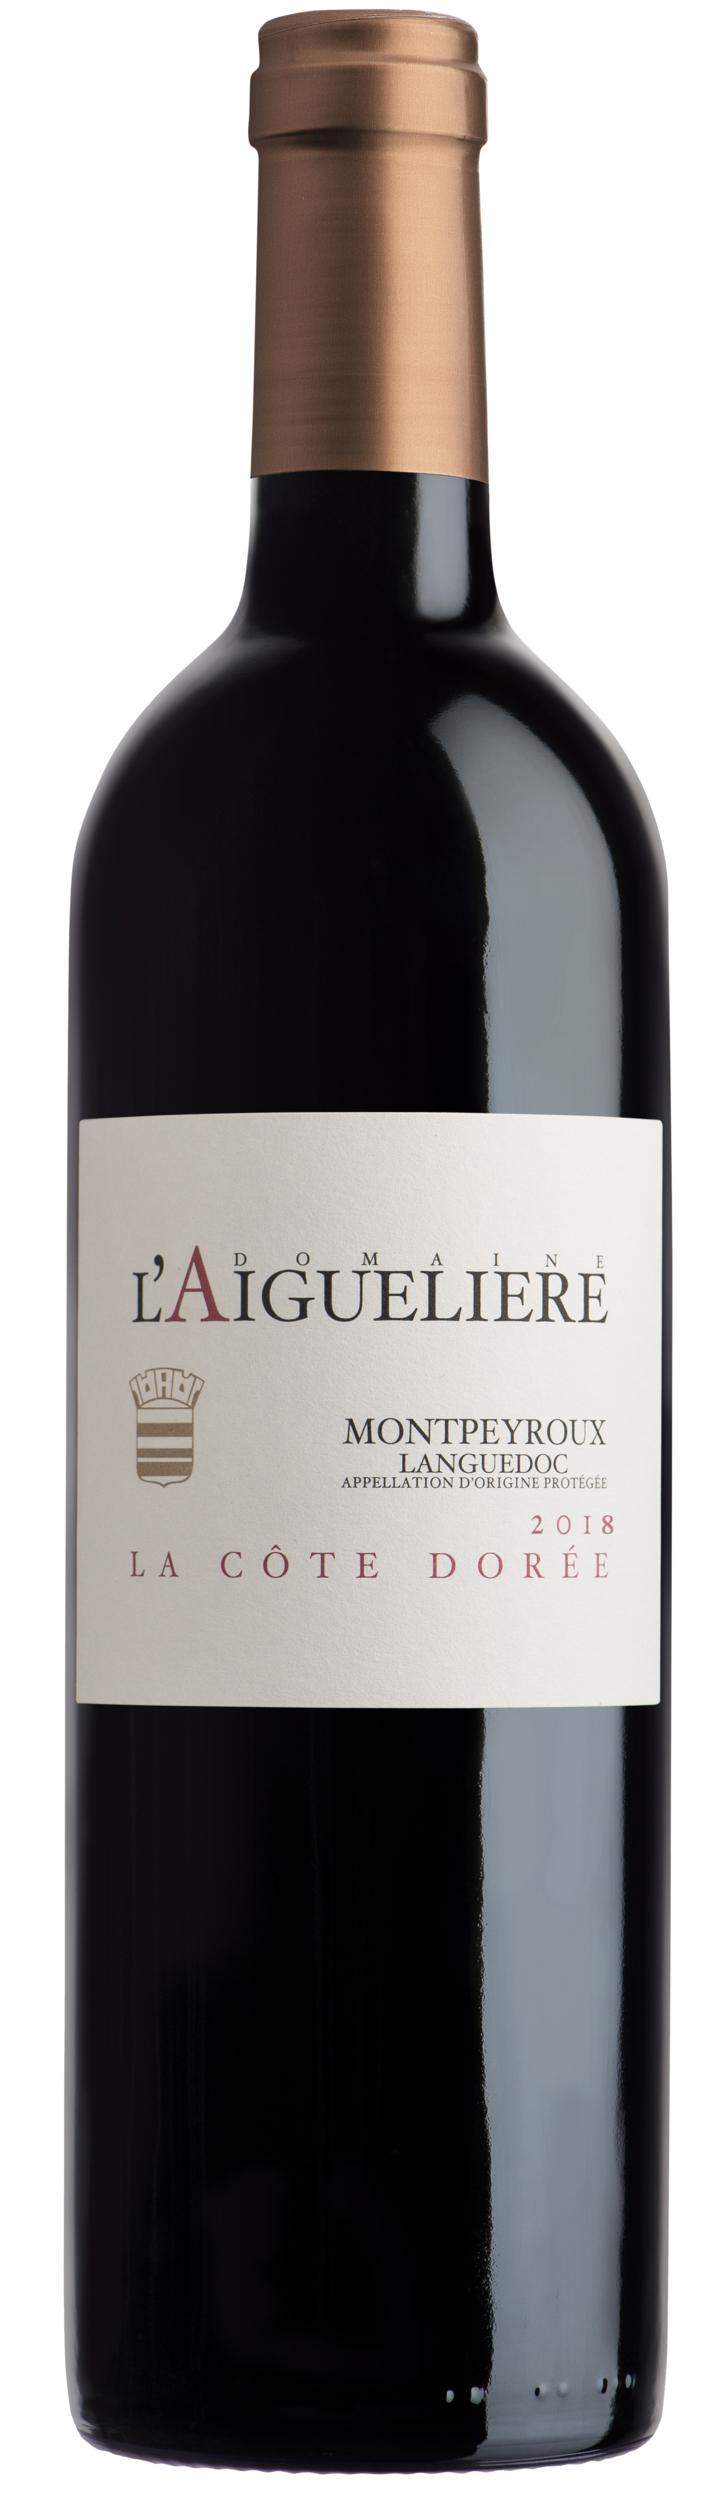 Côte Dorée 2018 (carton de 6 bouteilles)